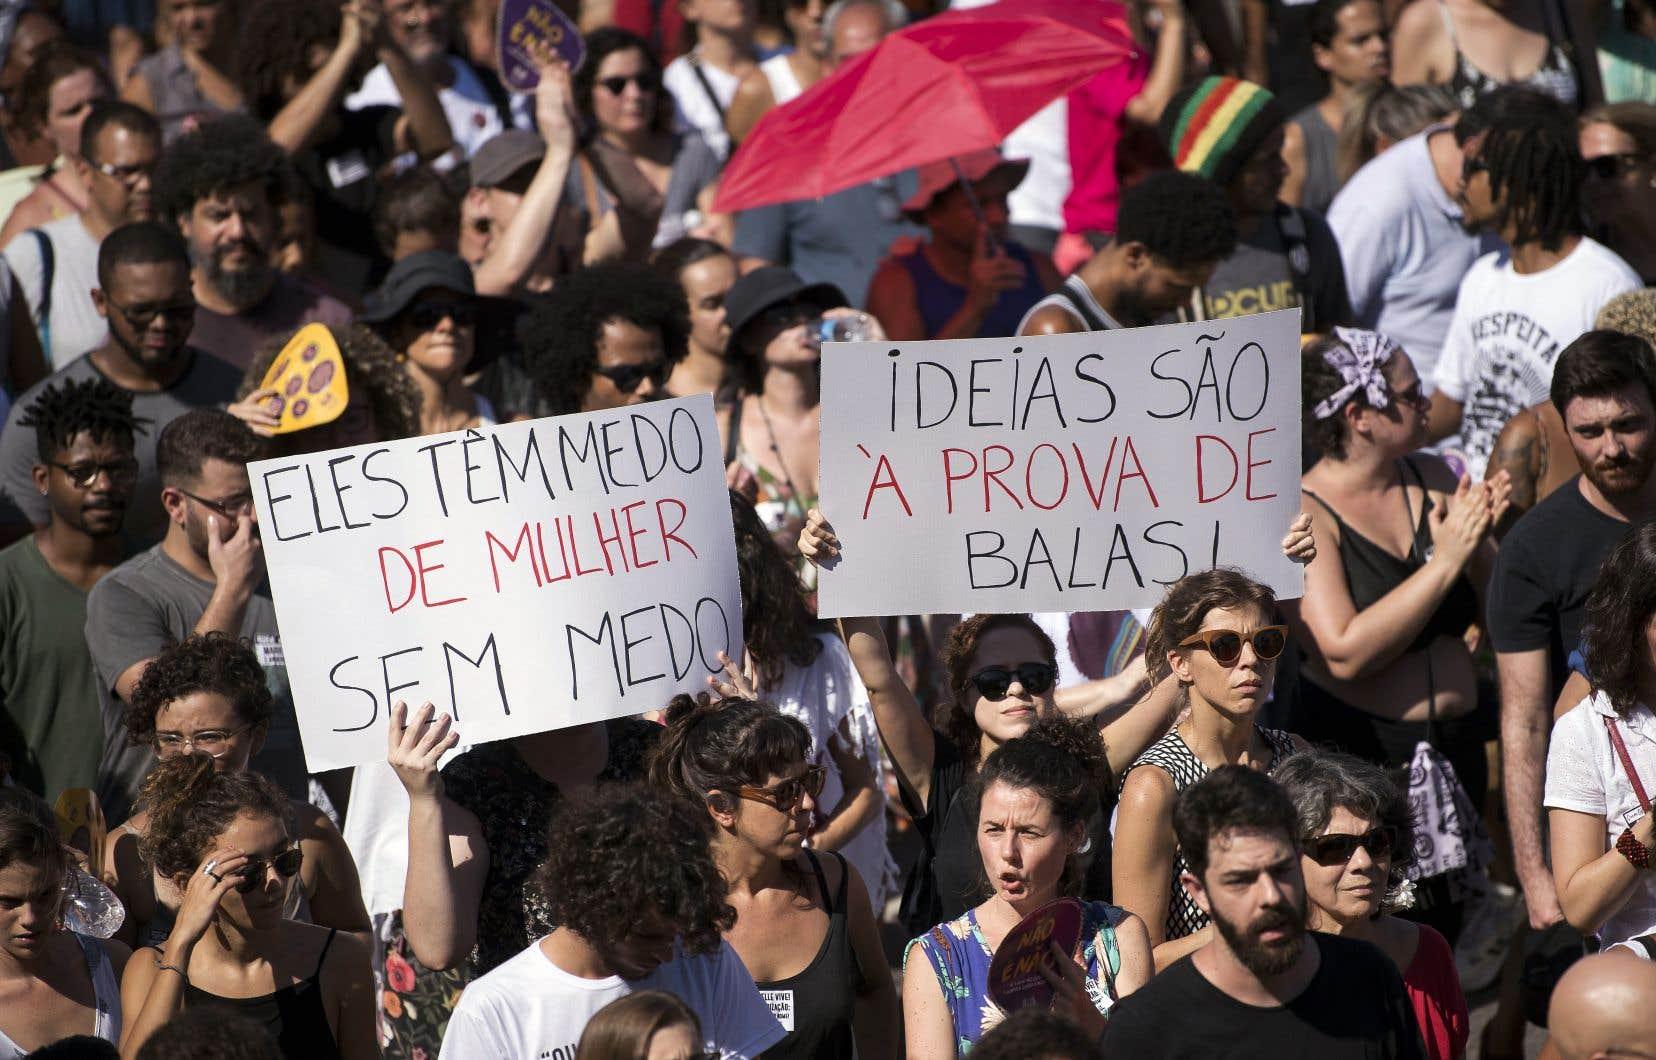 Dans les rues de Maré, la favela d'où était originaire Marielle Franco, des partisans de l'élue municipale se sont rassemblés pour lui rendre hommage.